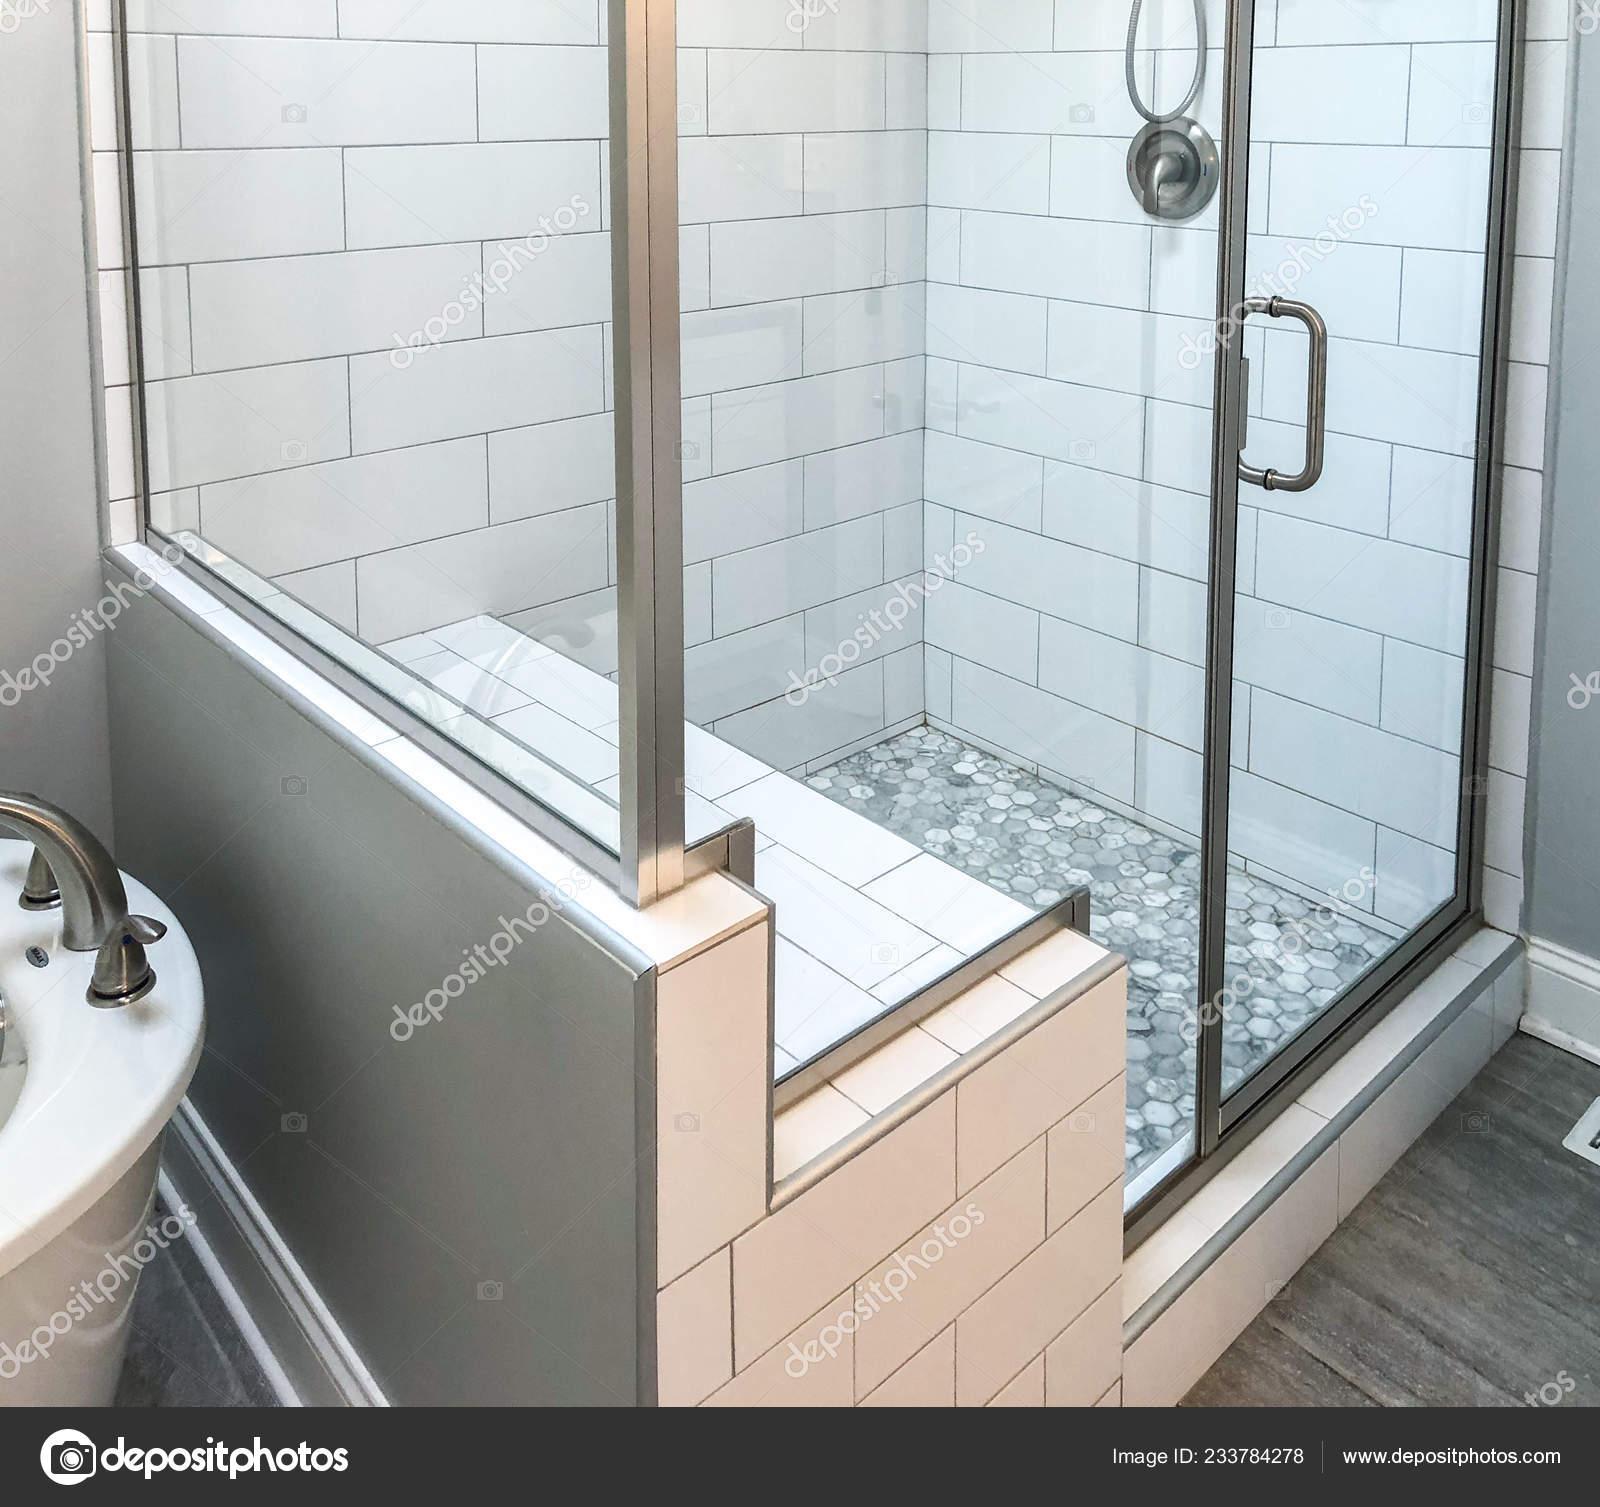 Bathroom Shower Base White Rectangular Wall Tiles Custom Shower Seat